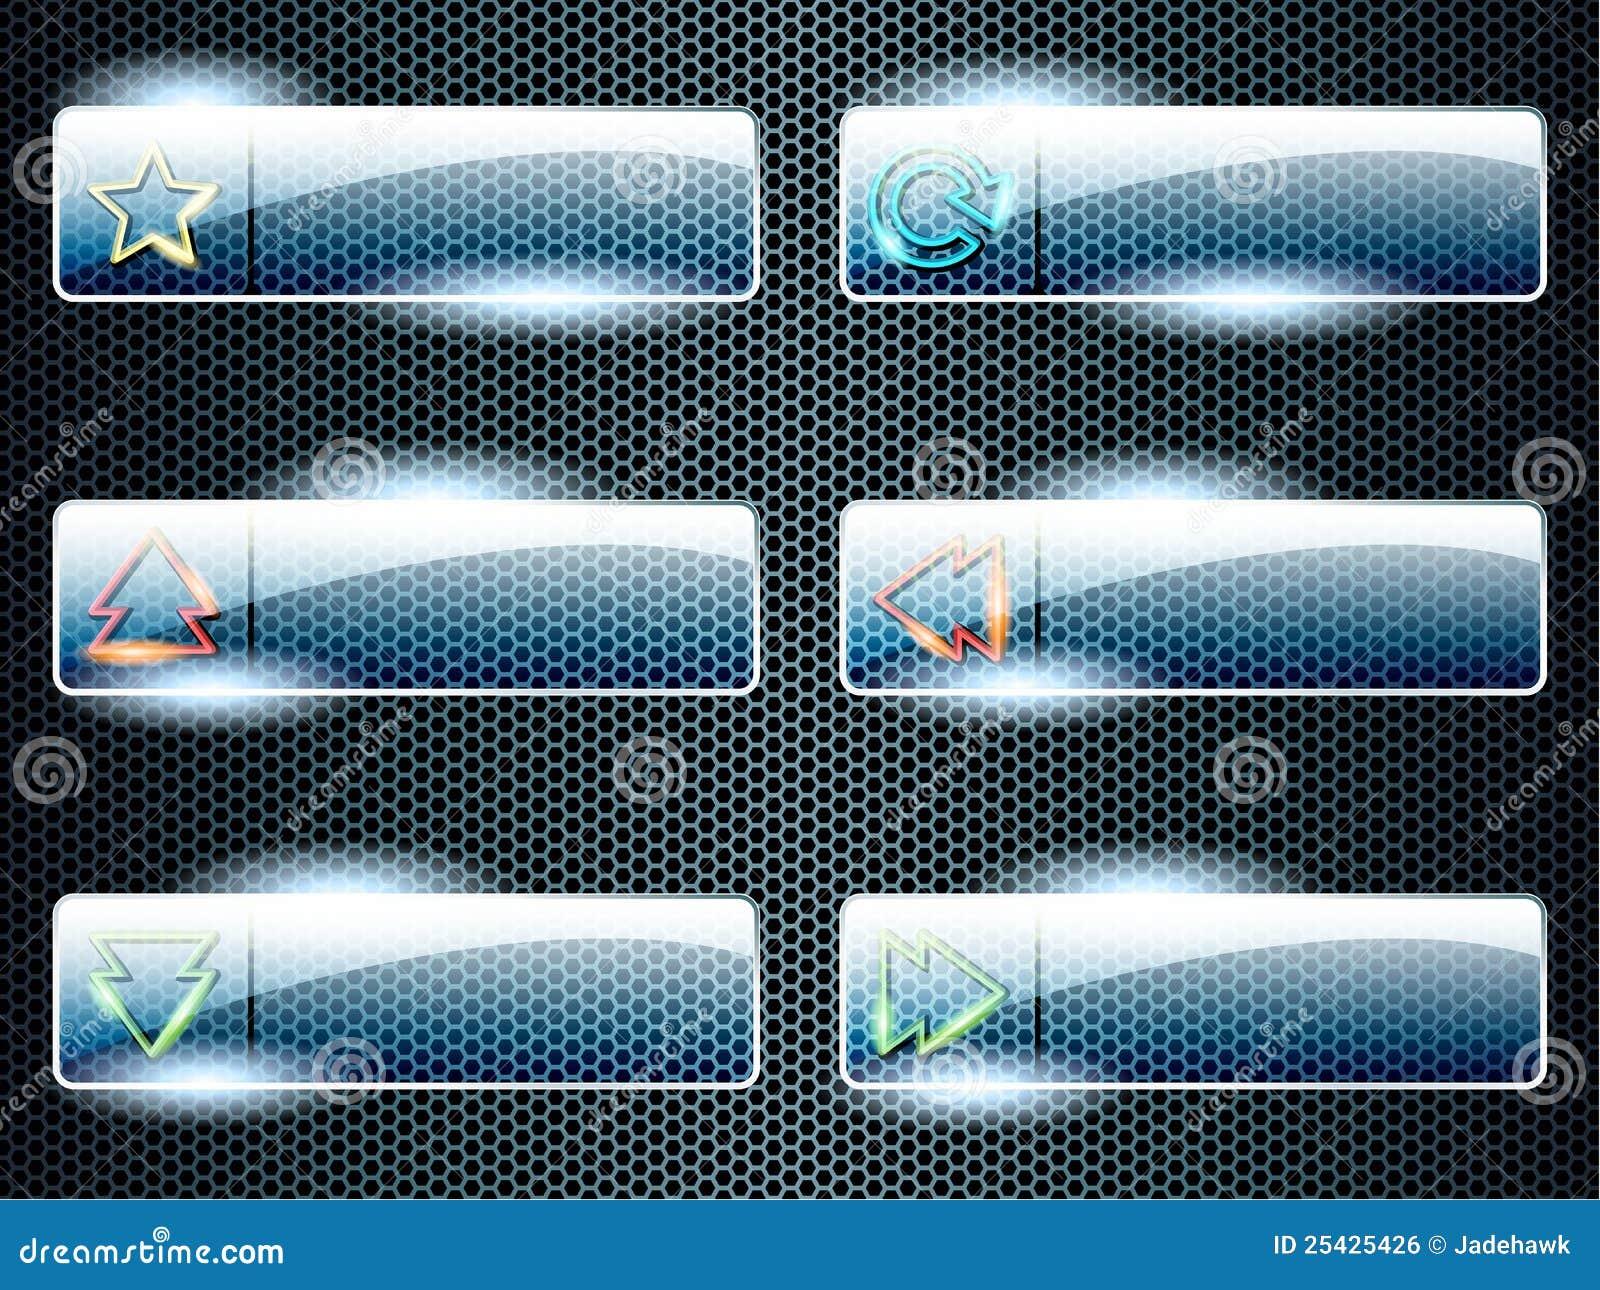 Teclas de vidro transparentes retangulares